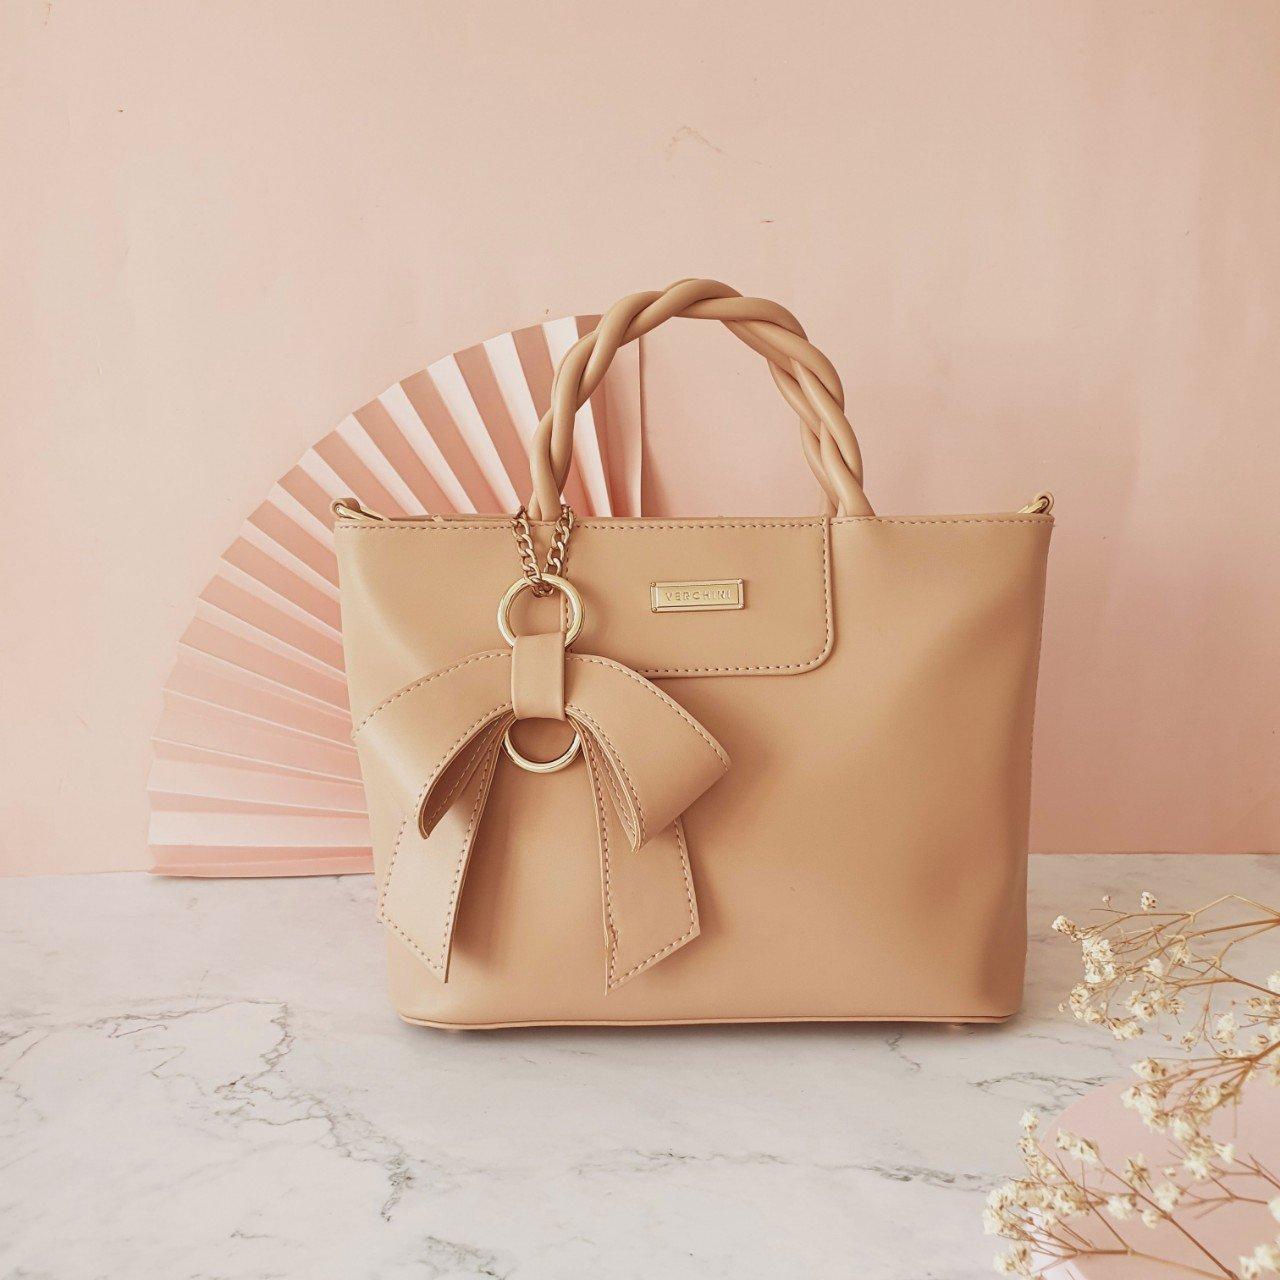 Túi xách thời trang Verchini quai bính phối nơ